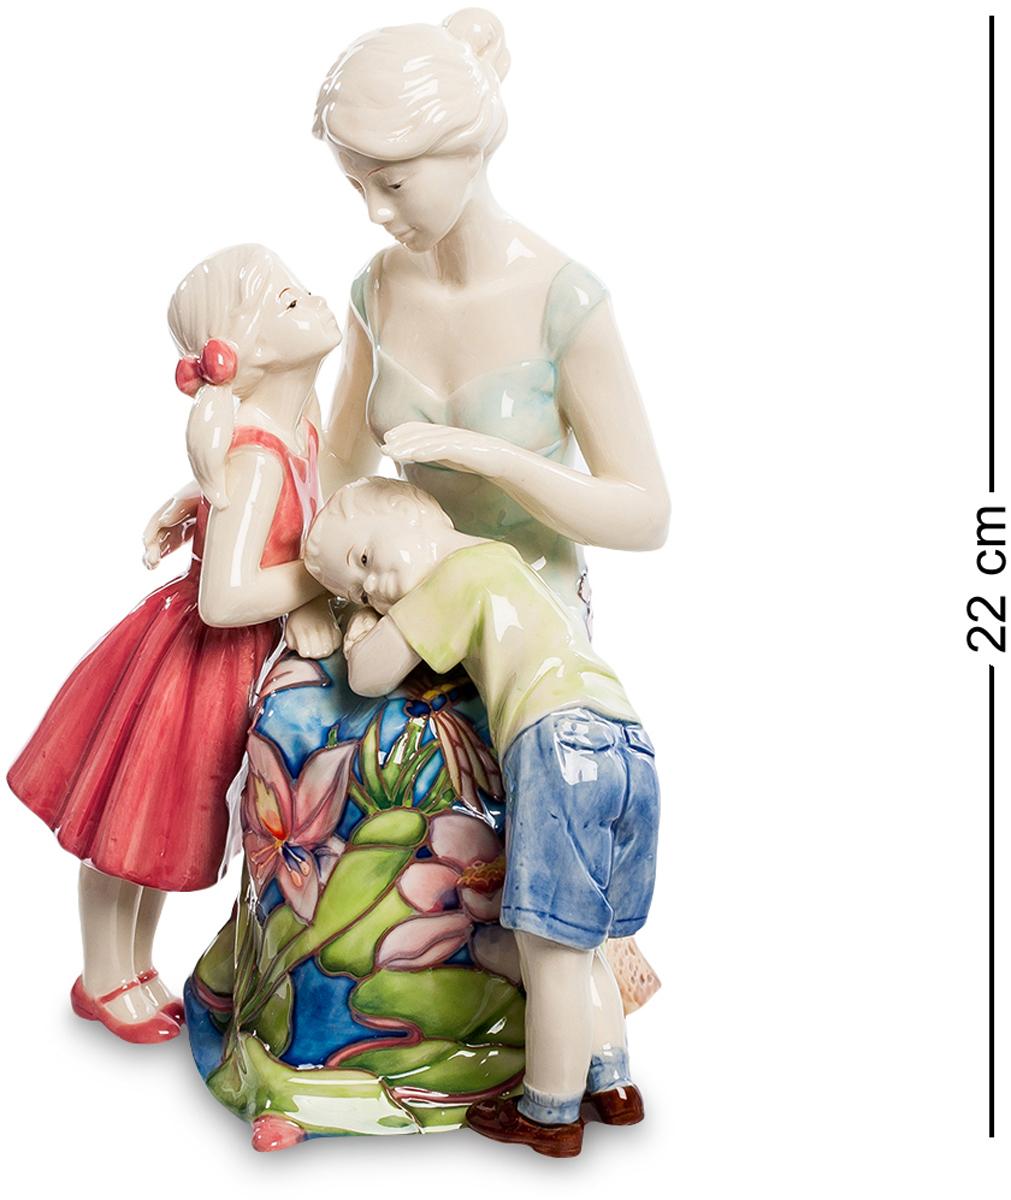 Статуэтка Pavone Мамина любовь. JP-12/26V4140/1SФигурка Девушки высотой 22 см.Забота о людях, однажды вошедшая в сердце человека, превратится в настоящее сокровище, когда эти люди вырастут.Нежная и чувственная статуэтка станет великолепным подарком для каждого члена семьи. Вся композиция пропитана любовью и жертвенностью, которые испытывает каждая любящая мать к своим детям. Фарфоровая статуэтка символизирует нежную любовь, заботу и радость, которую только мама может дать своим любимым малышам. Прекрасный сувенир позволит украсить интерьер любой квартиры или дома.